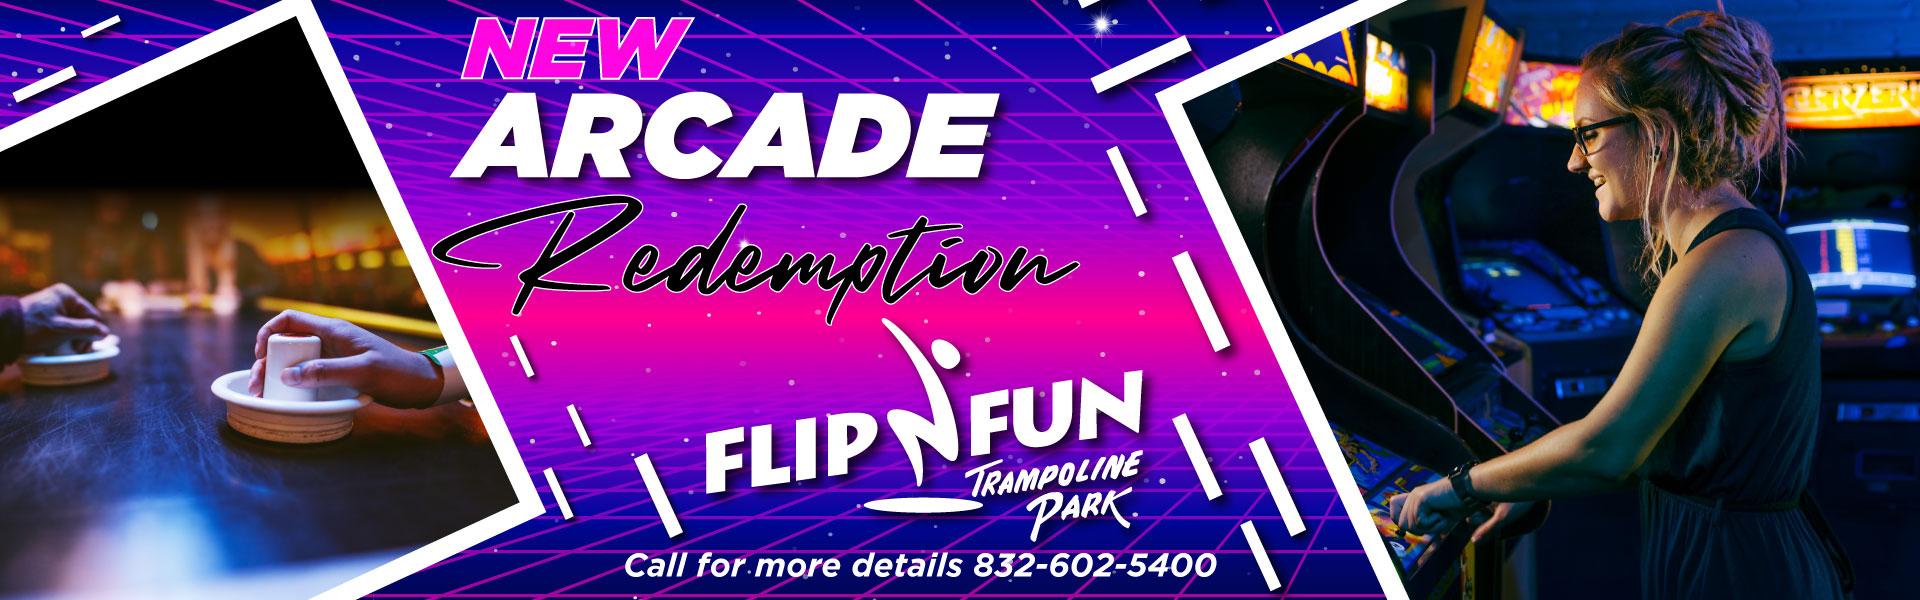 Flip-n-Fun-2020-Arcade-Banner